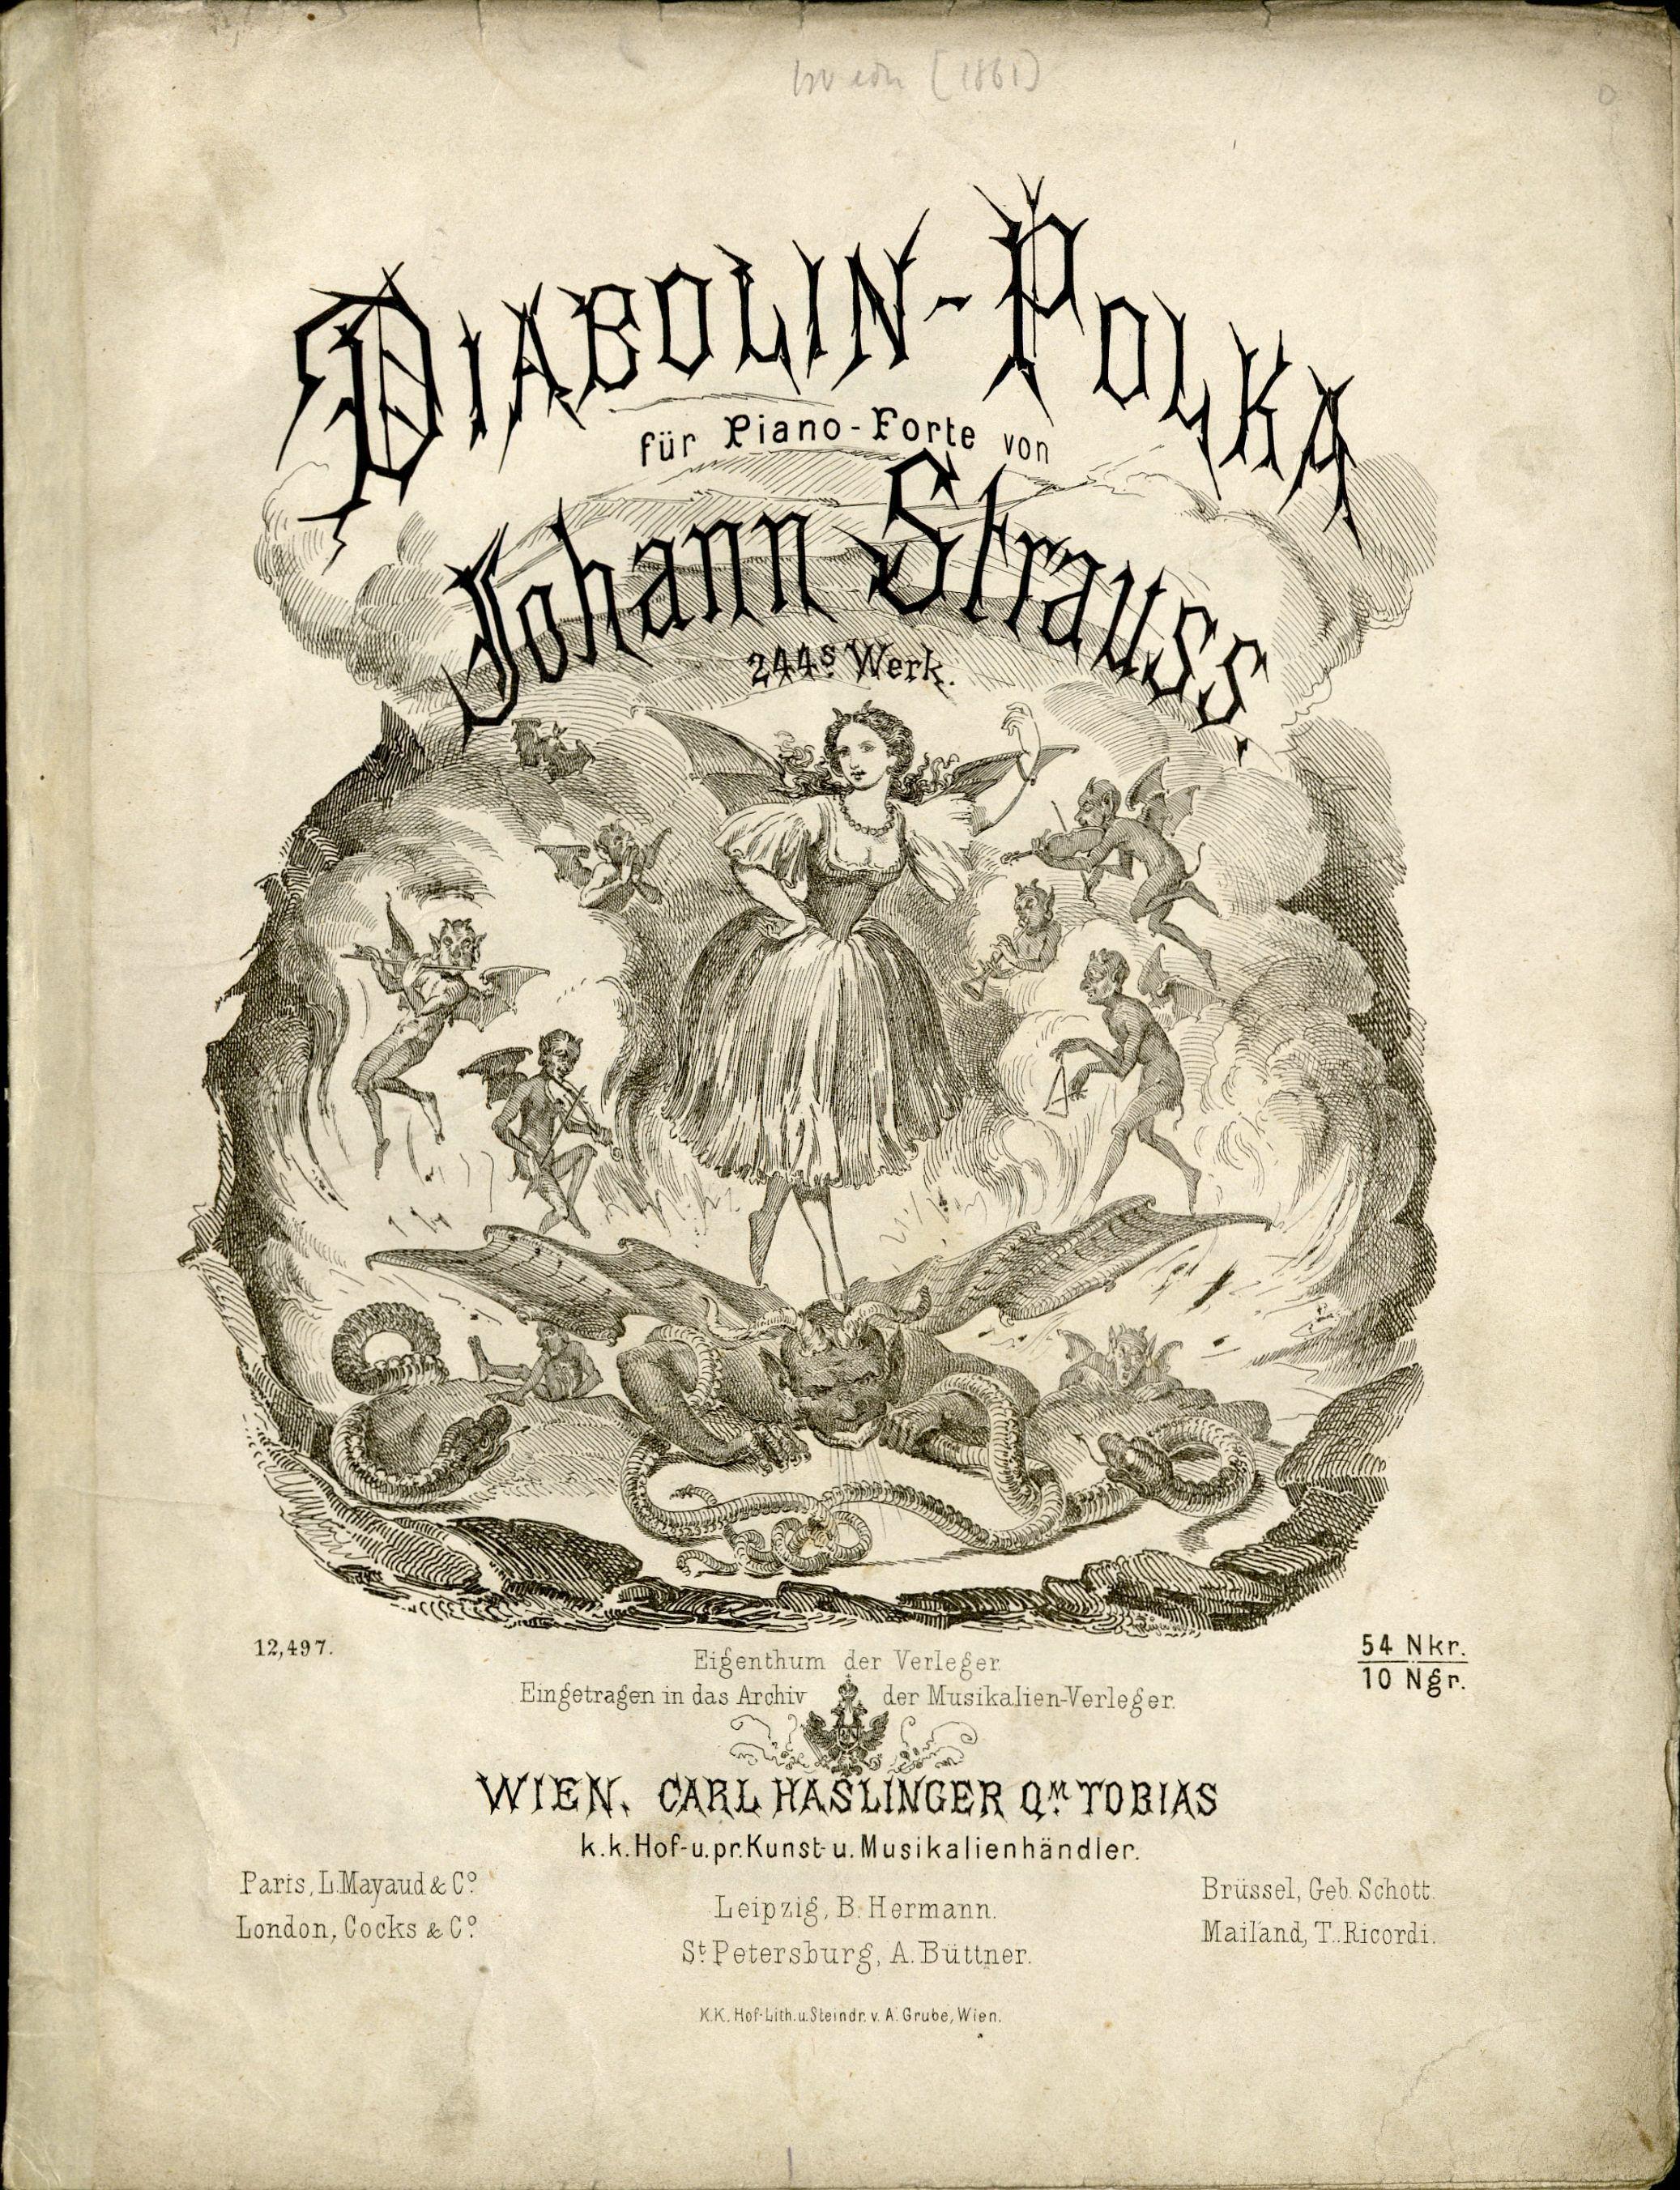 TS 552.15.14.66.16 (B) title page